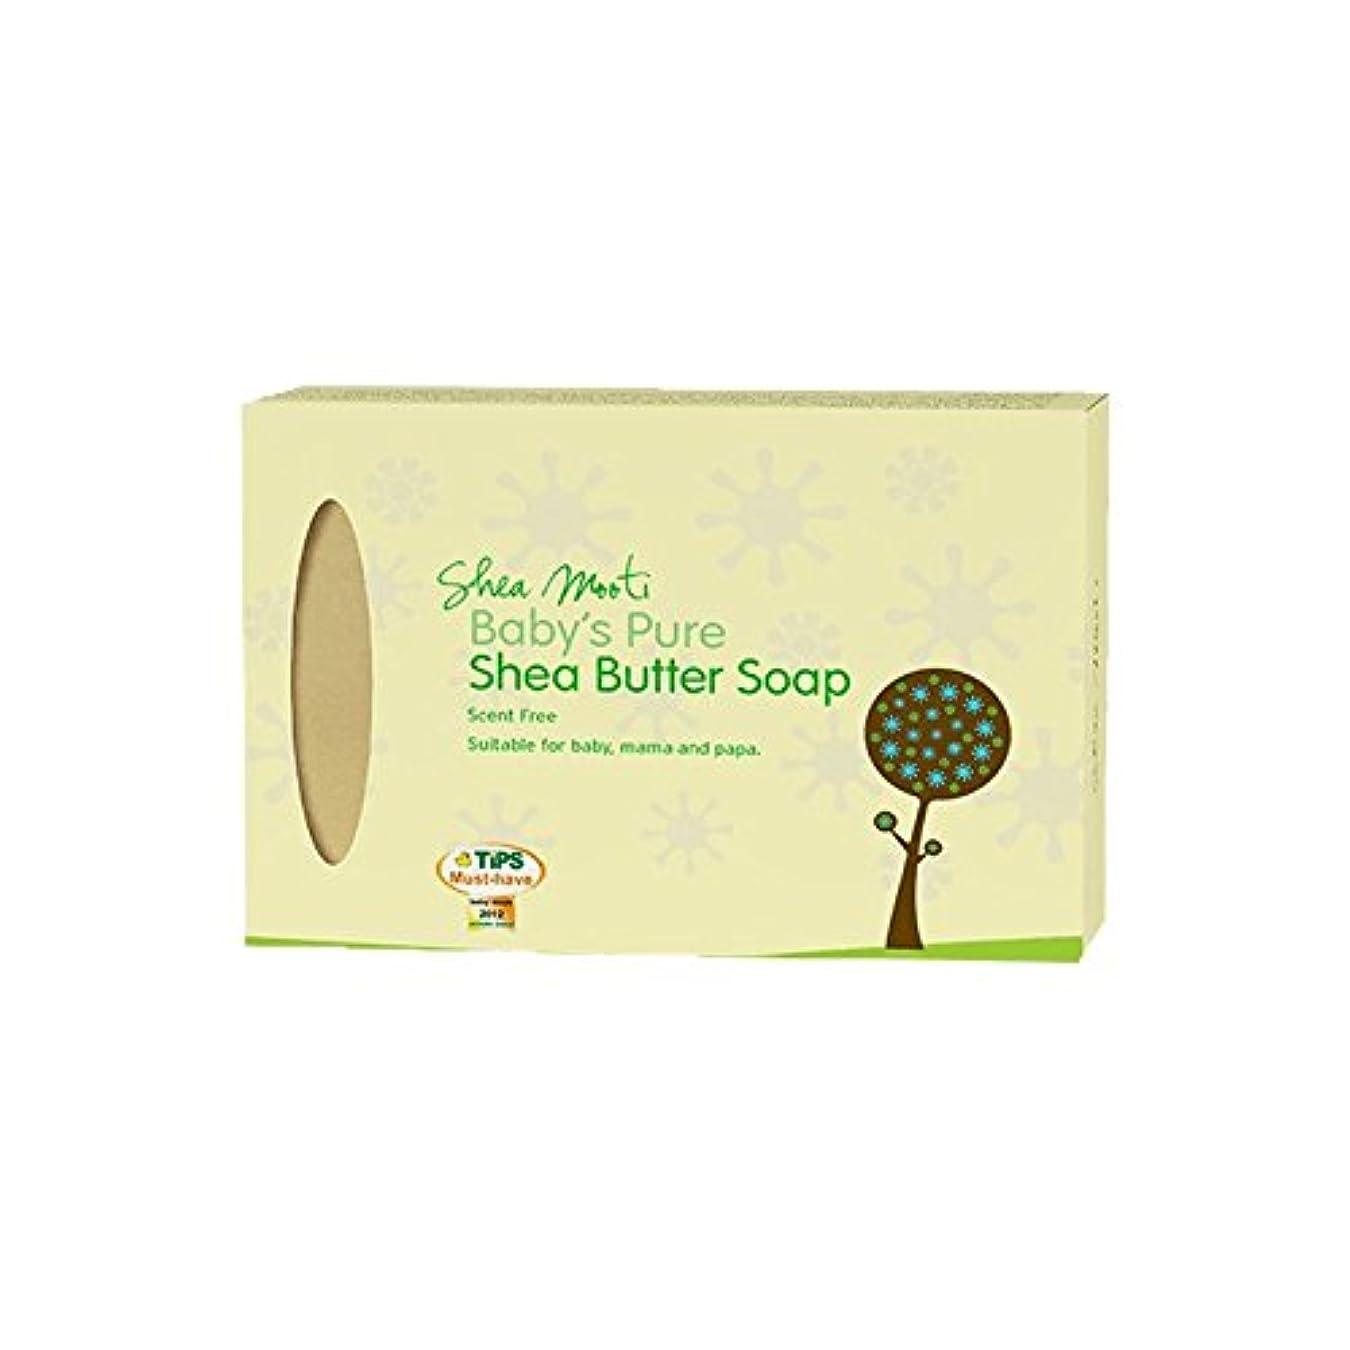 適合しました脱臼する首Shea Mooti Baby's Pure Shea Butter Soap Unscented 250ml (Pack of 2) - シアバターMooti赤ちゃんの純粋なシアバターソープ無香250ミリリットル (x2...